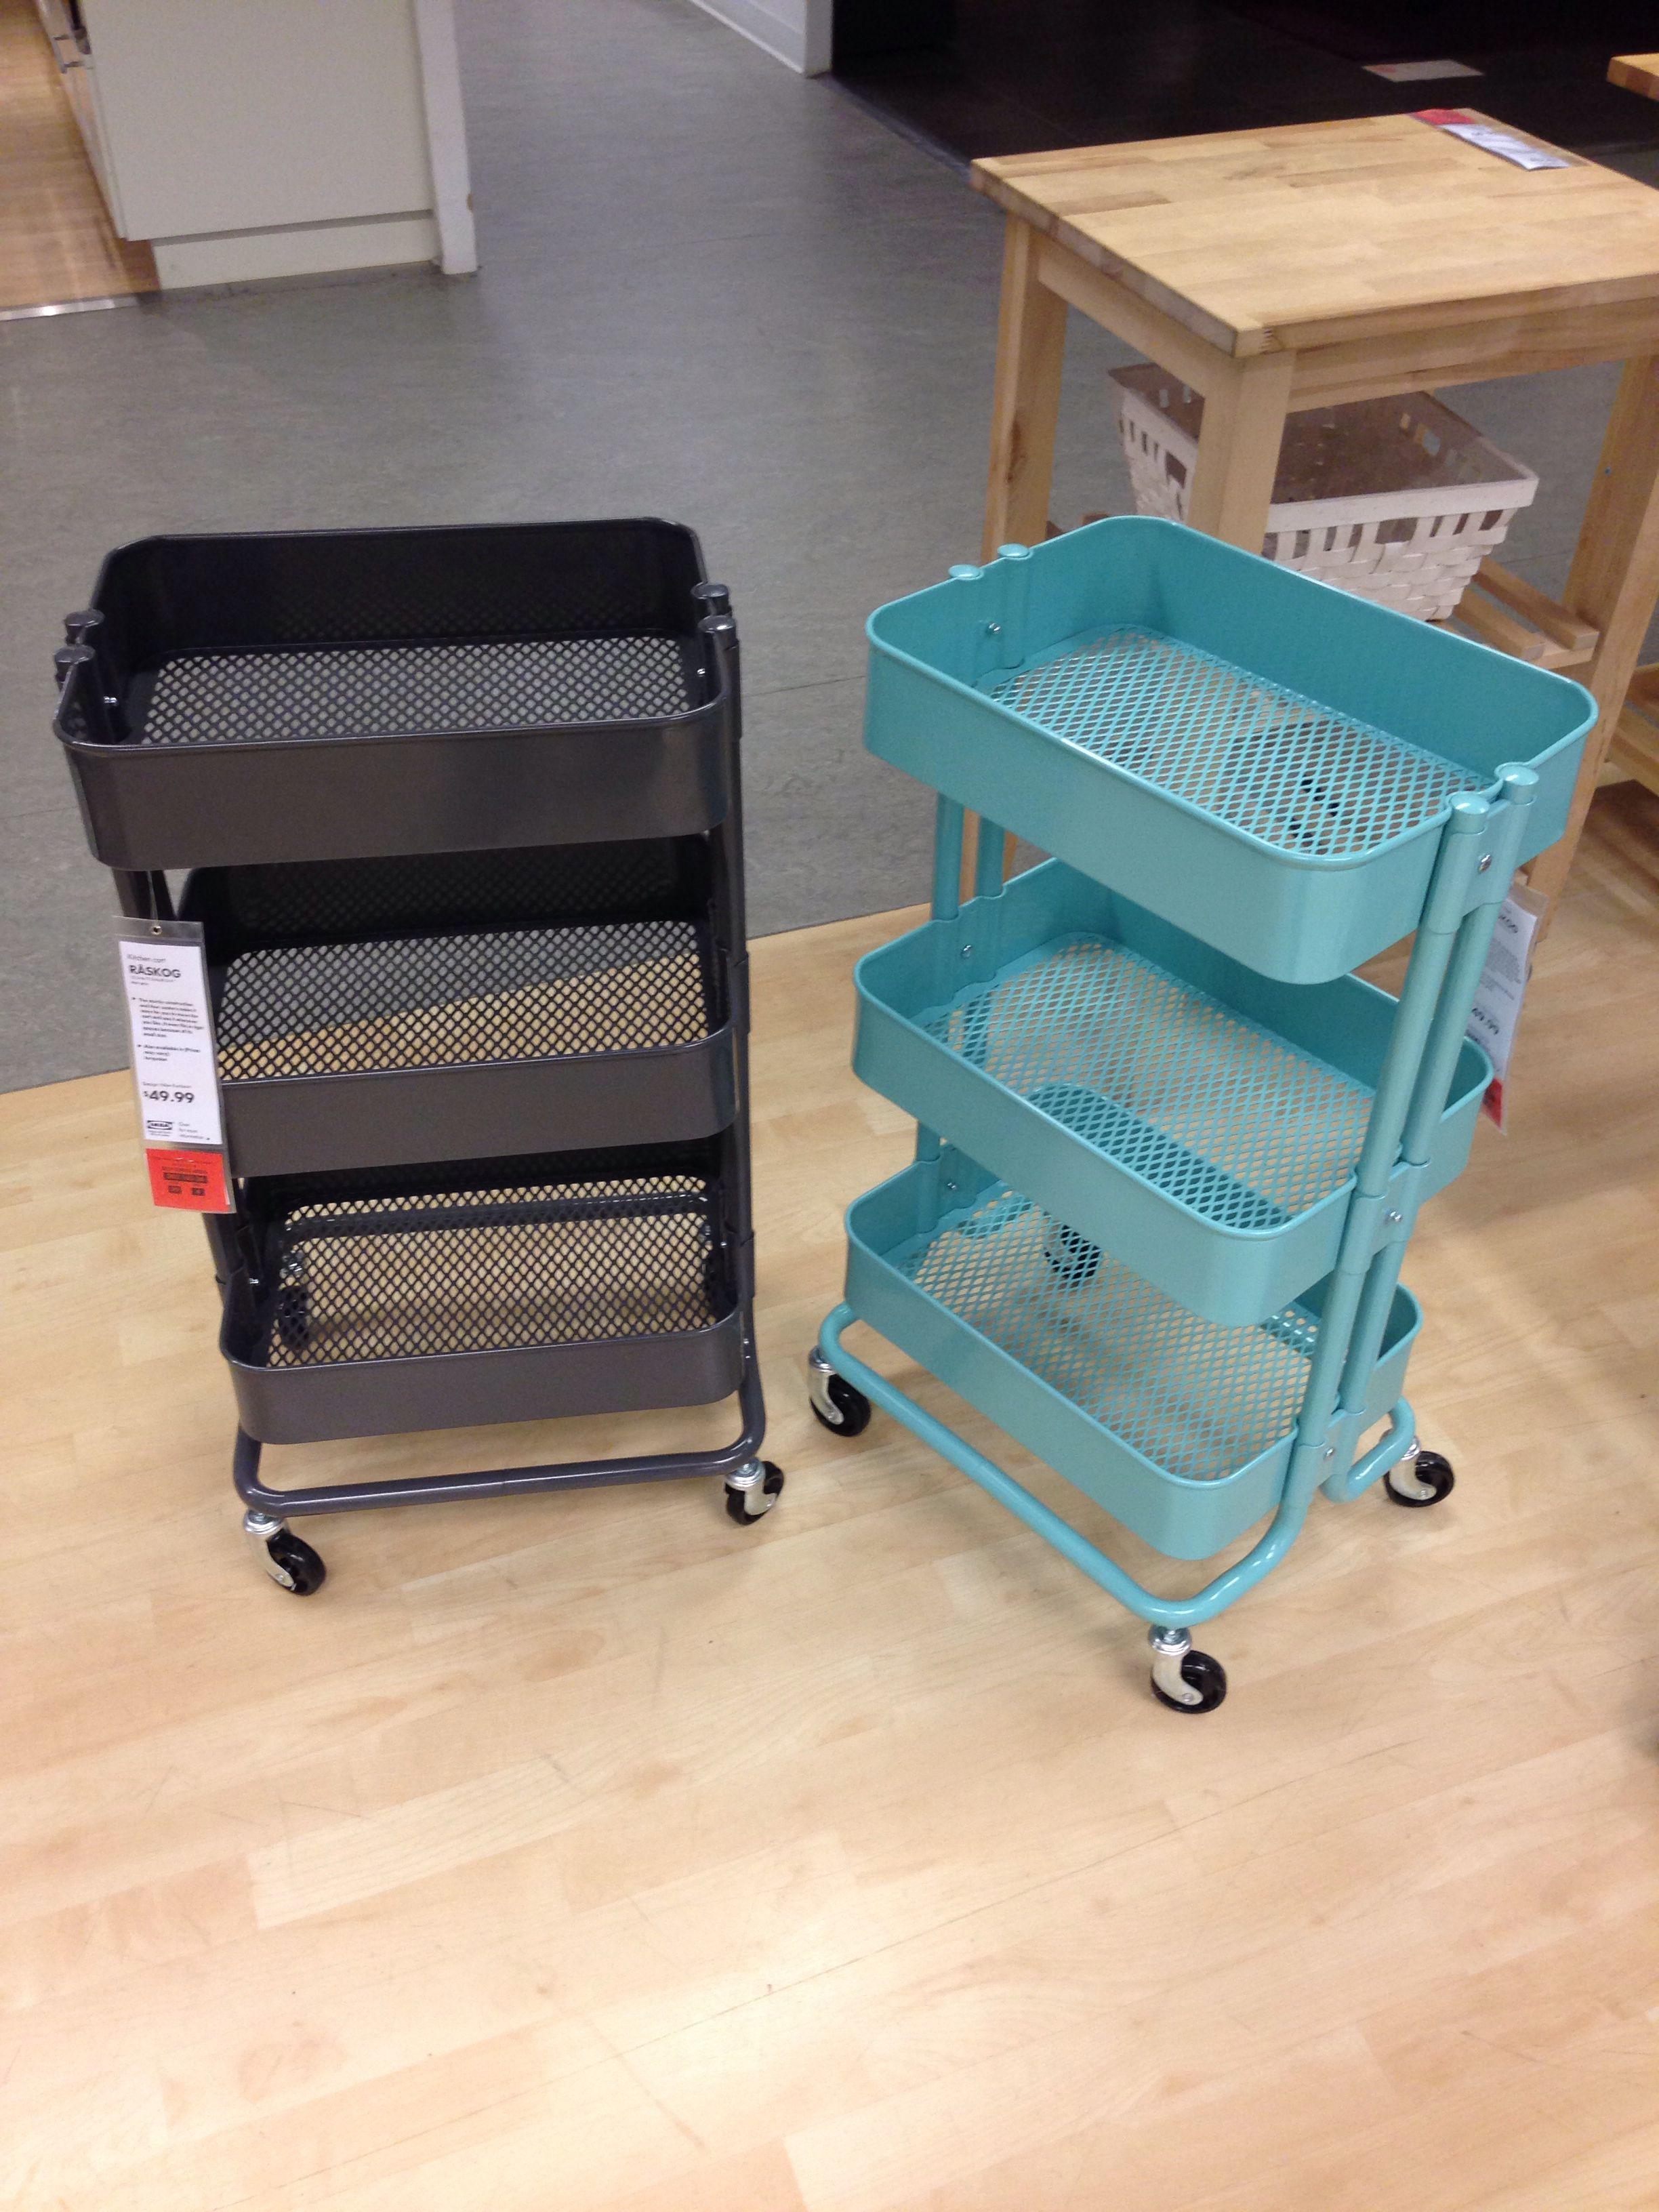 Ikea Mobili Per Piccoli Spazi : Presentato il nuovo pop up store ikea all interno di eataly